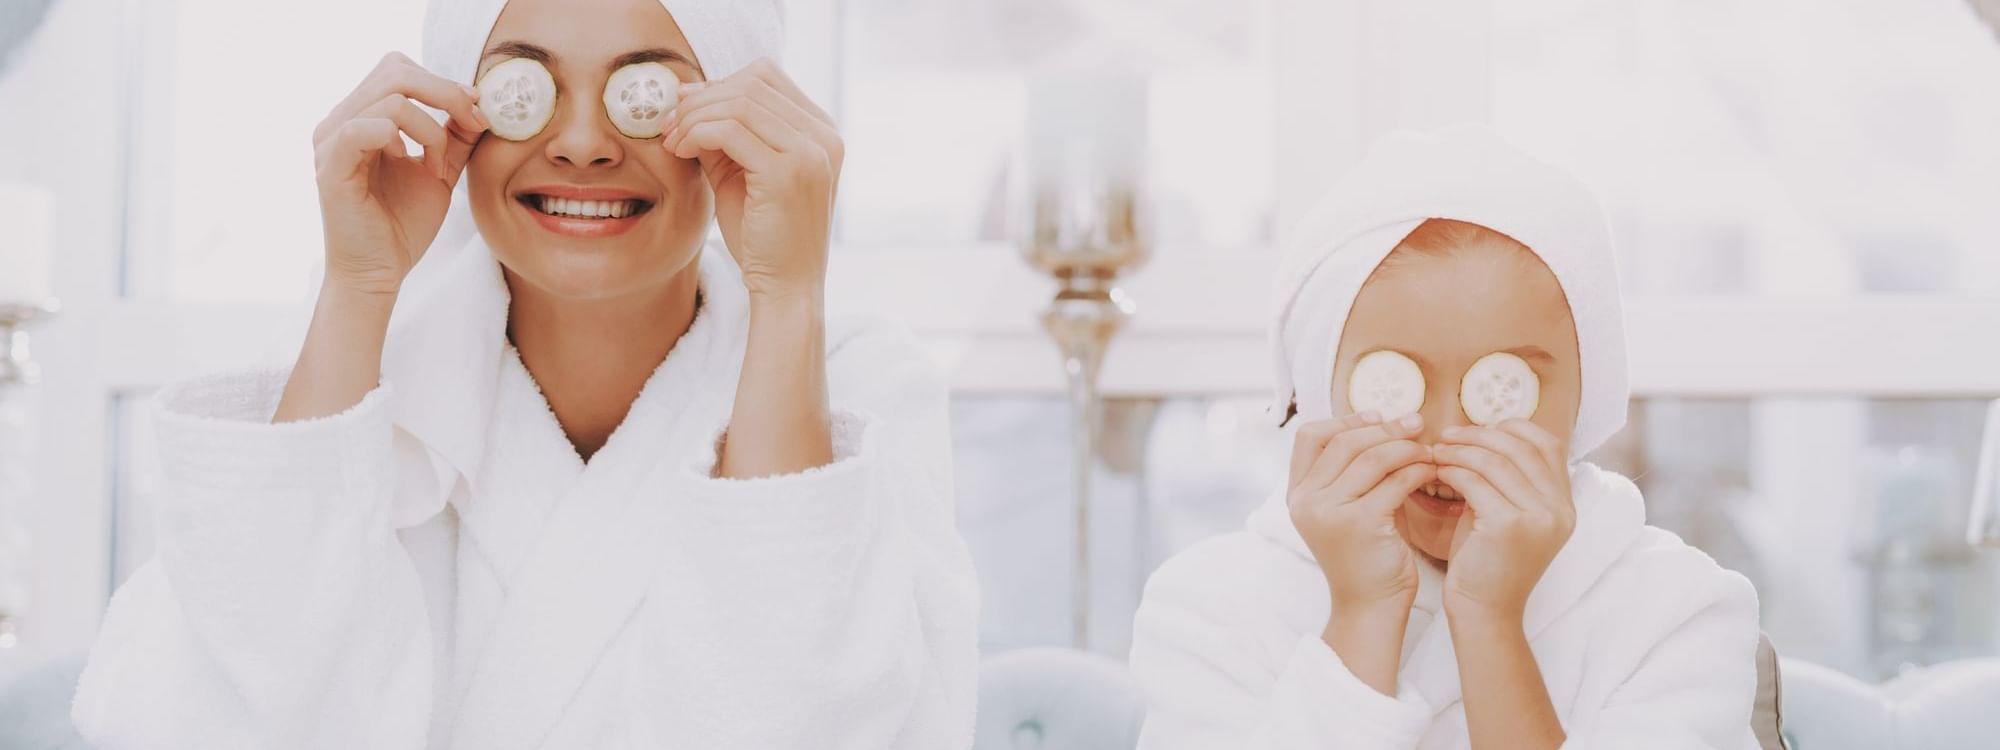 Guests having facial treatments at Daydream Island Resort